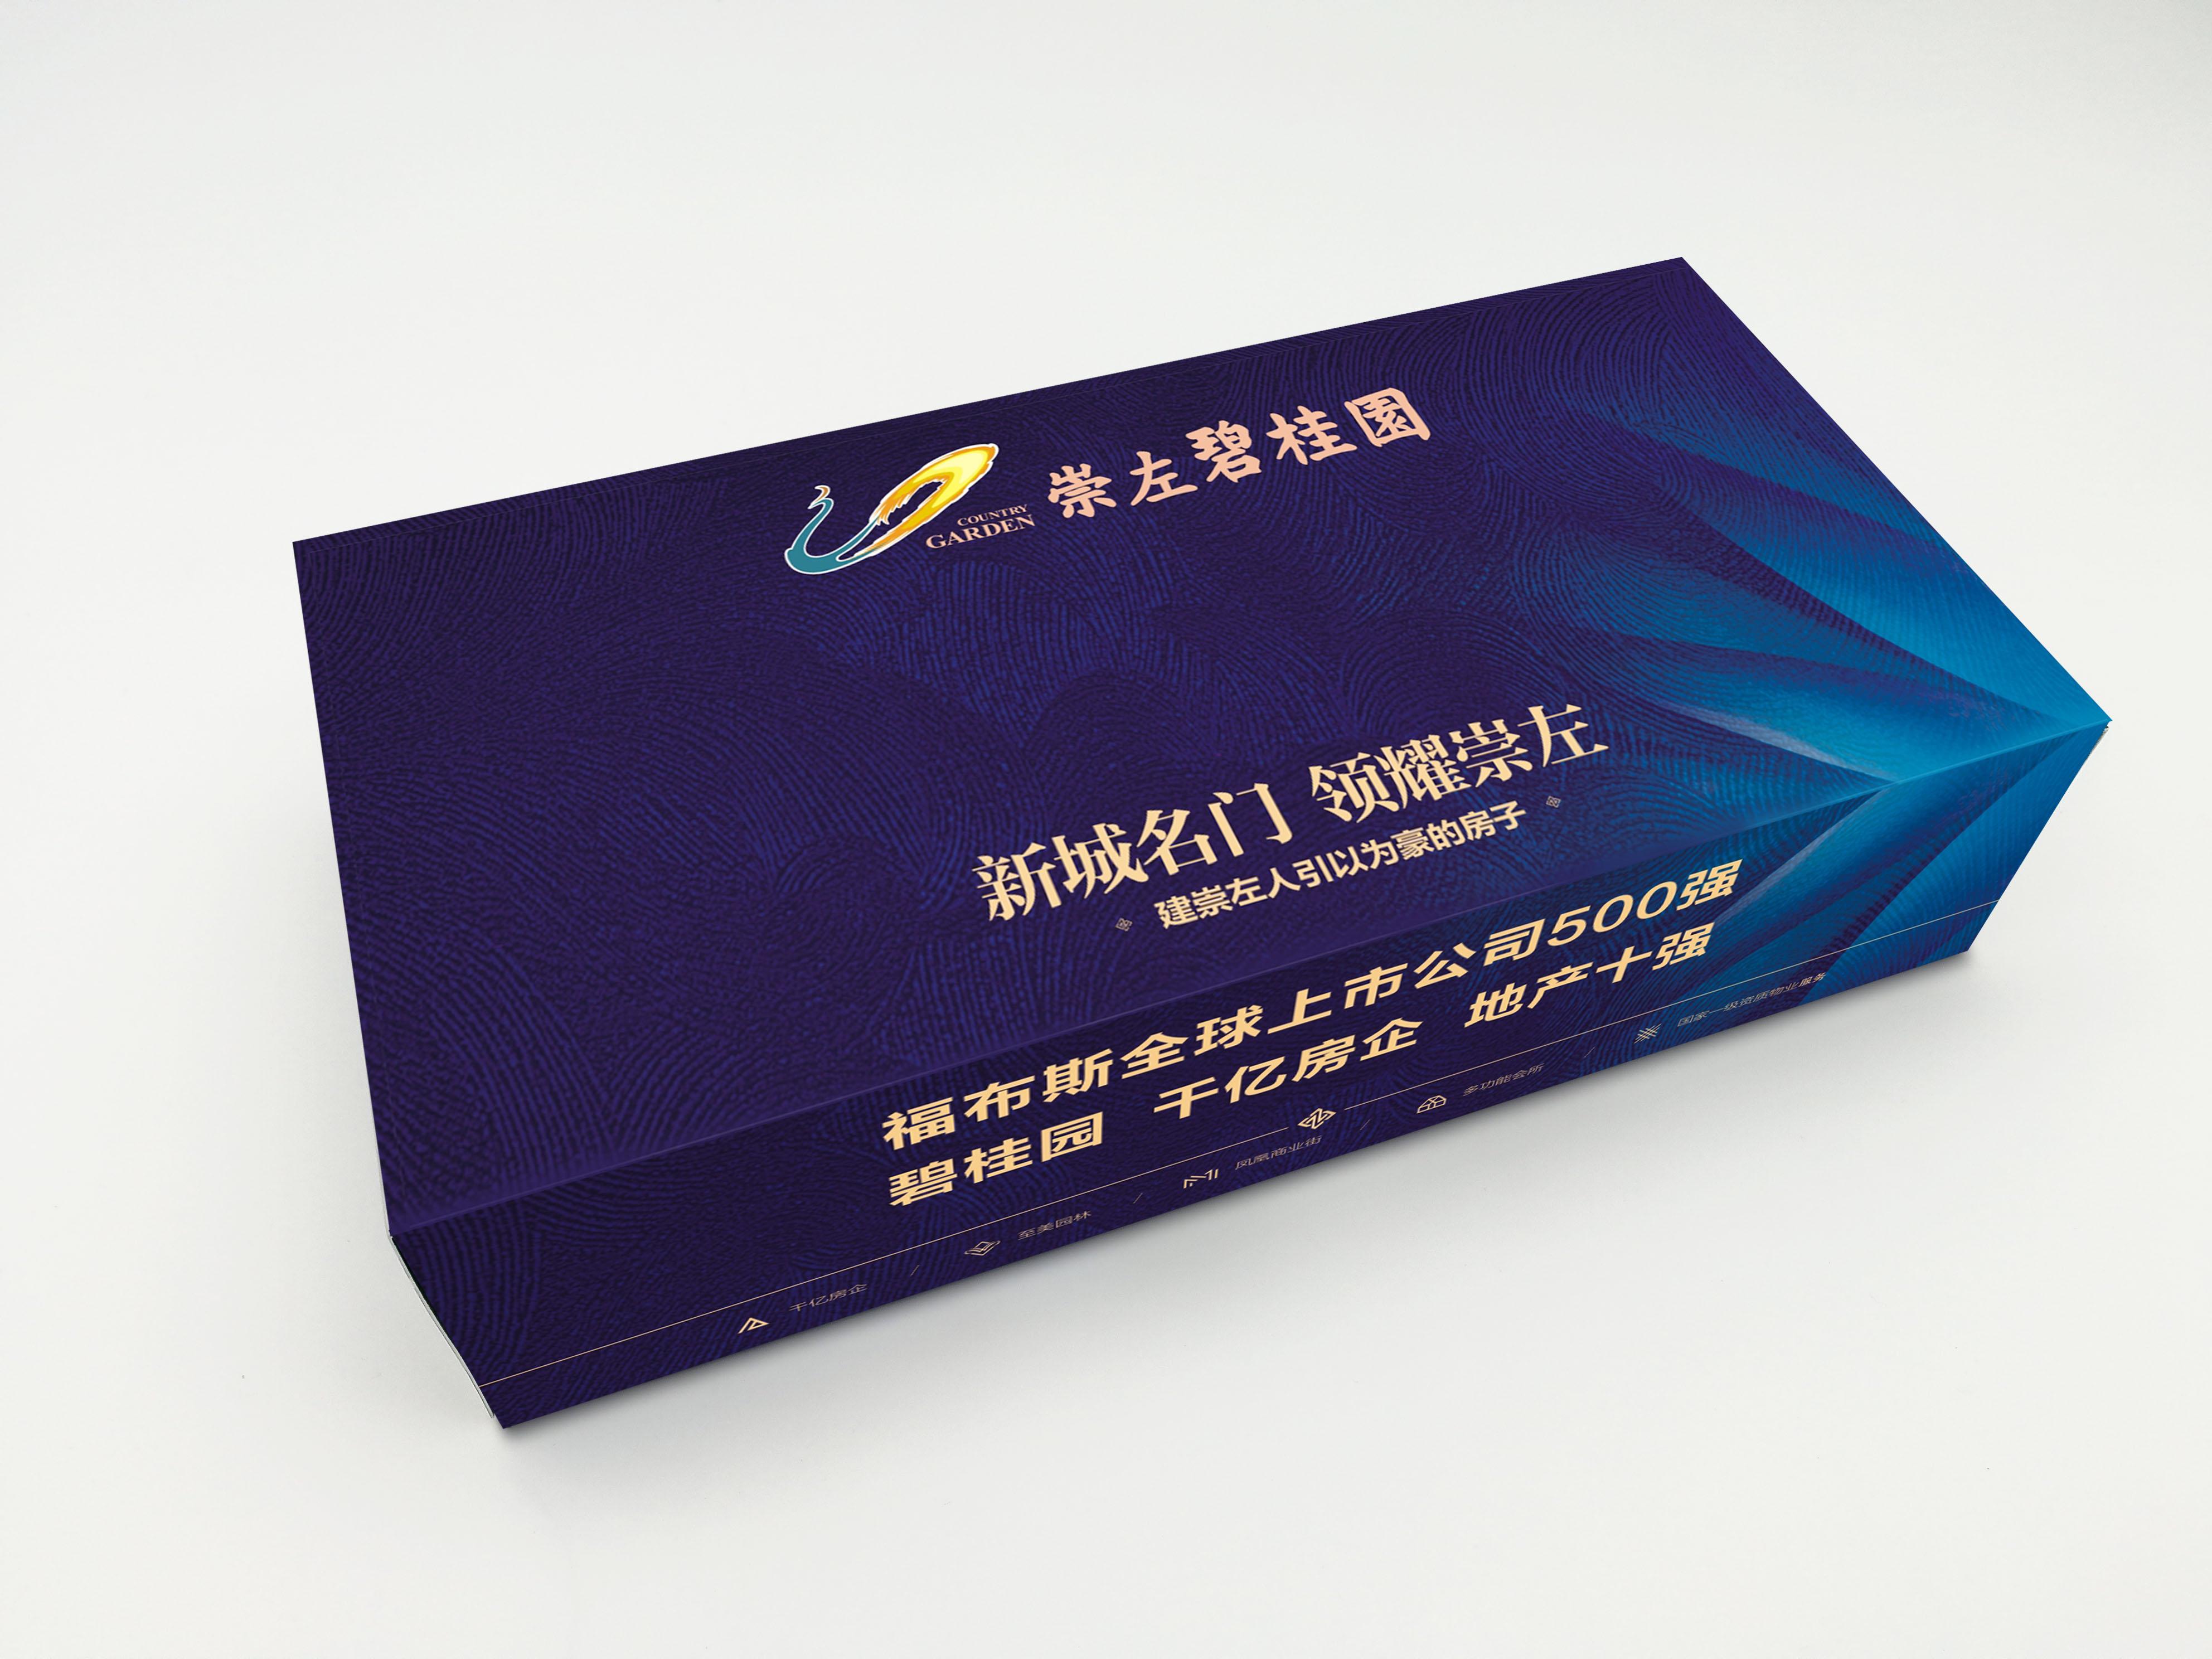 碧桂园广告盒万博app登陆巾